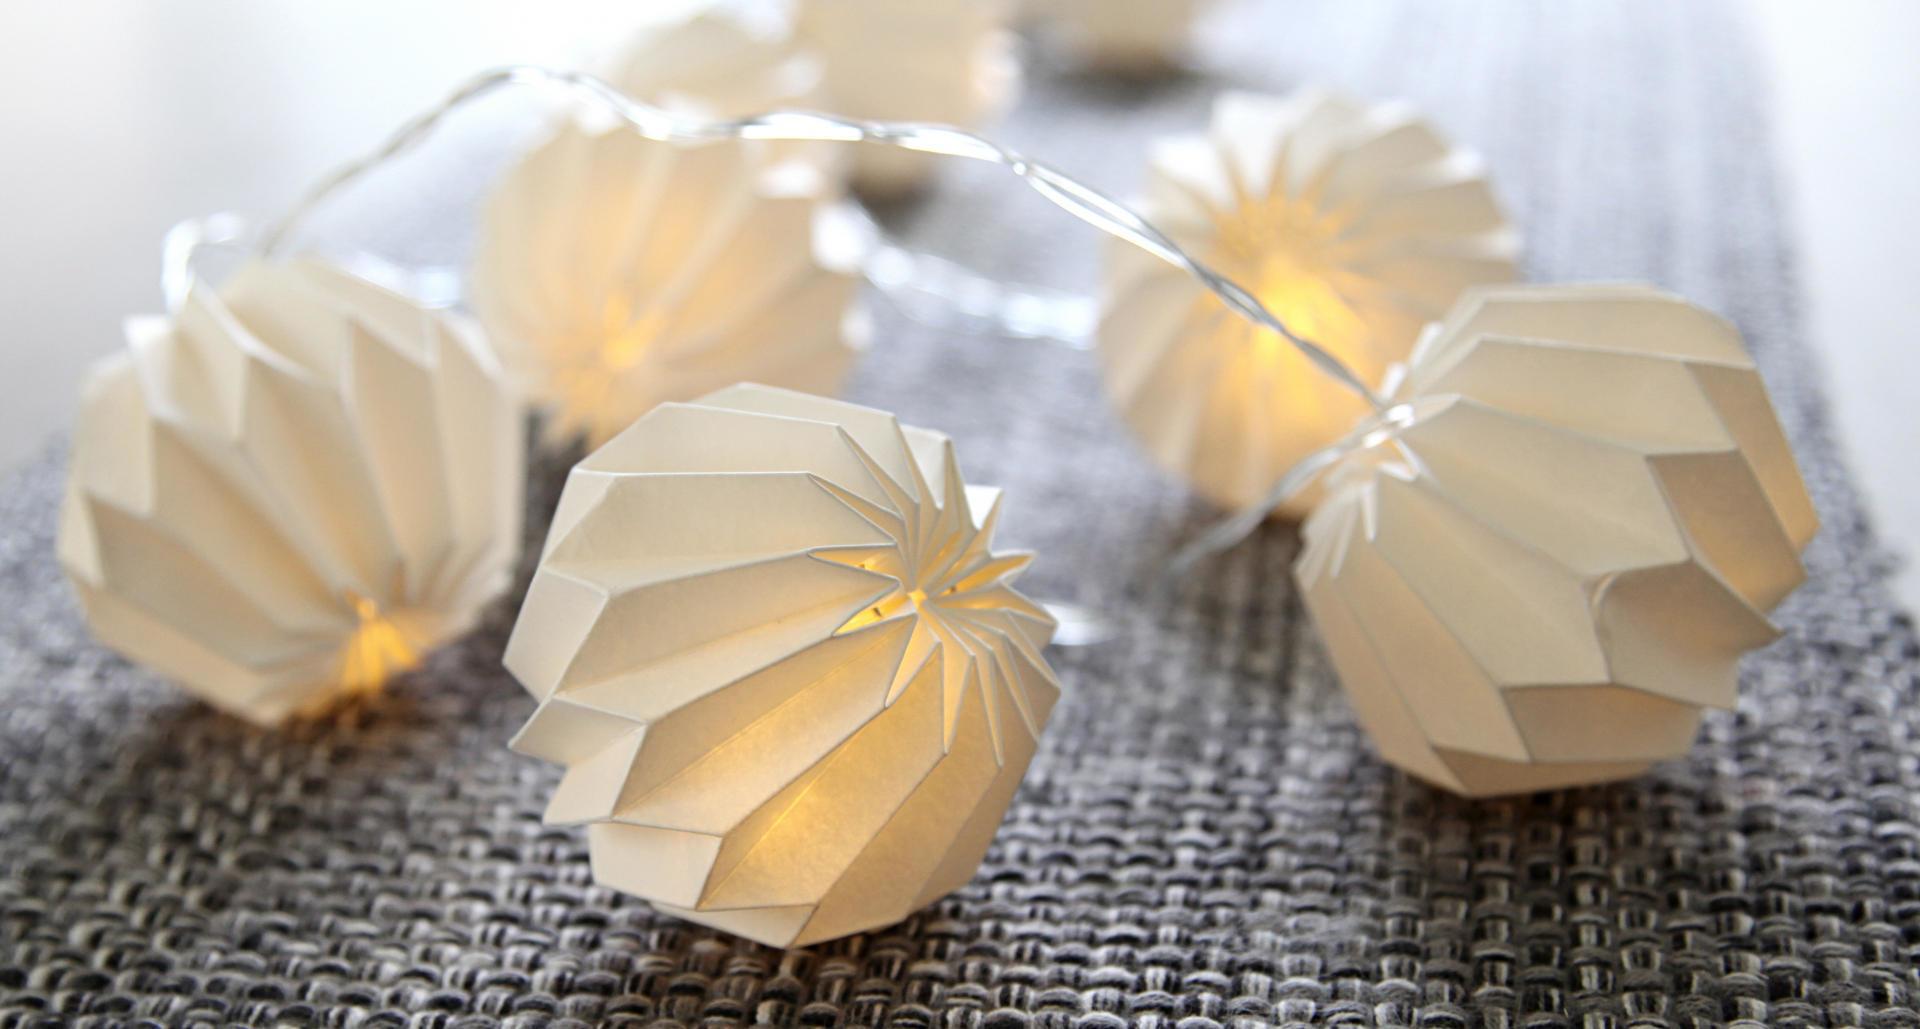 STAR TRADING Světelný řetěz s papírovými lampiony White, bílá barva, plast, papír